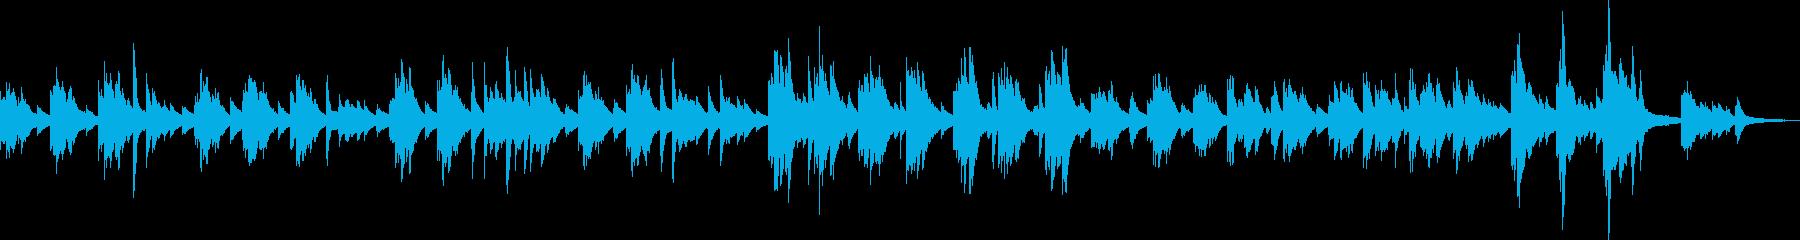 後悔・懺悔のピアノ曲の再生済みの波形